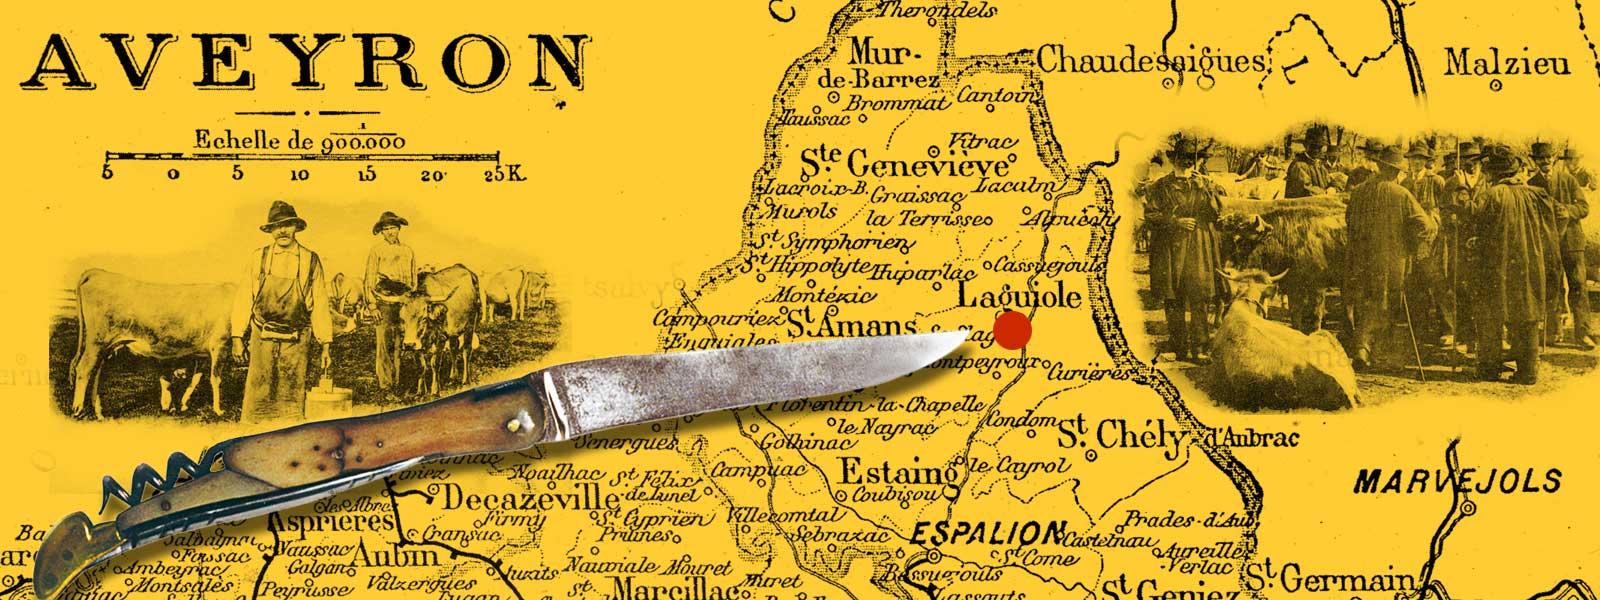 histoire-du-laguiole (1)